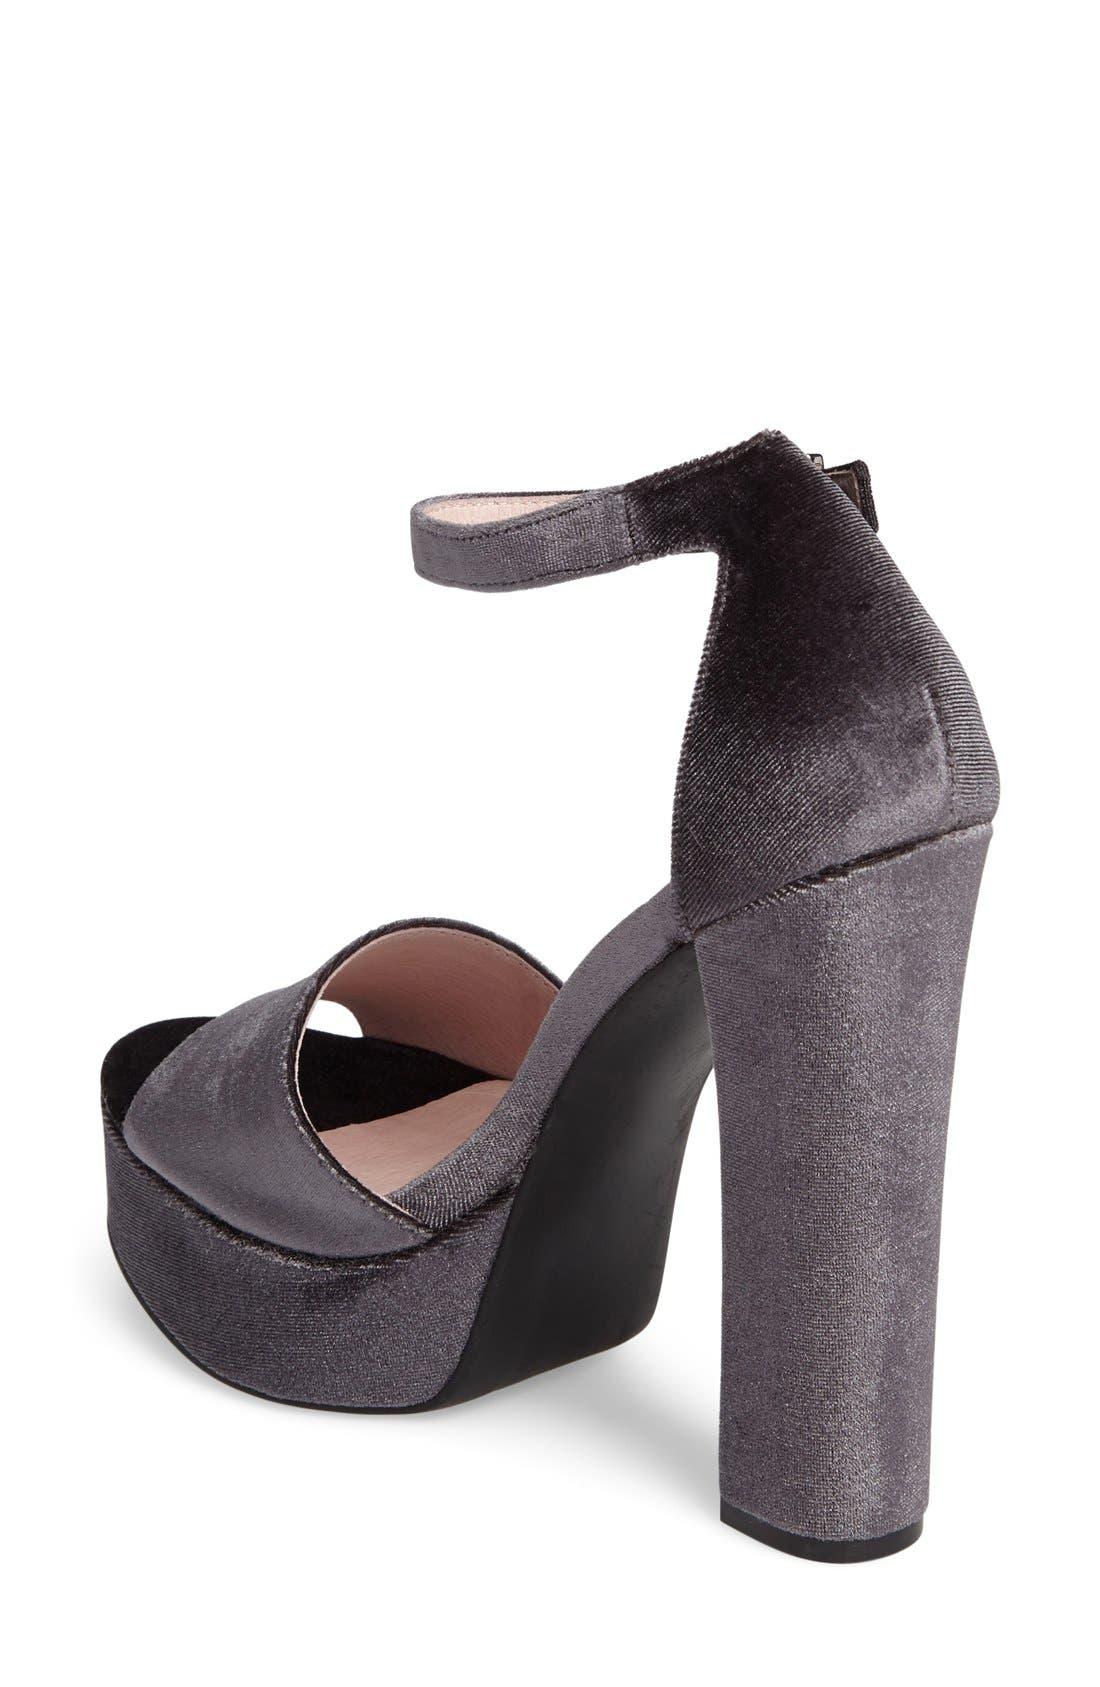 Ace Platform Sandal,                             Alternate thumbnail 5, color,                             035